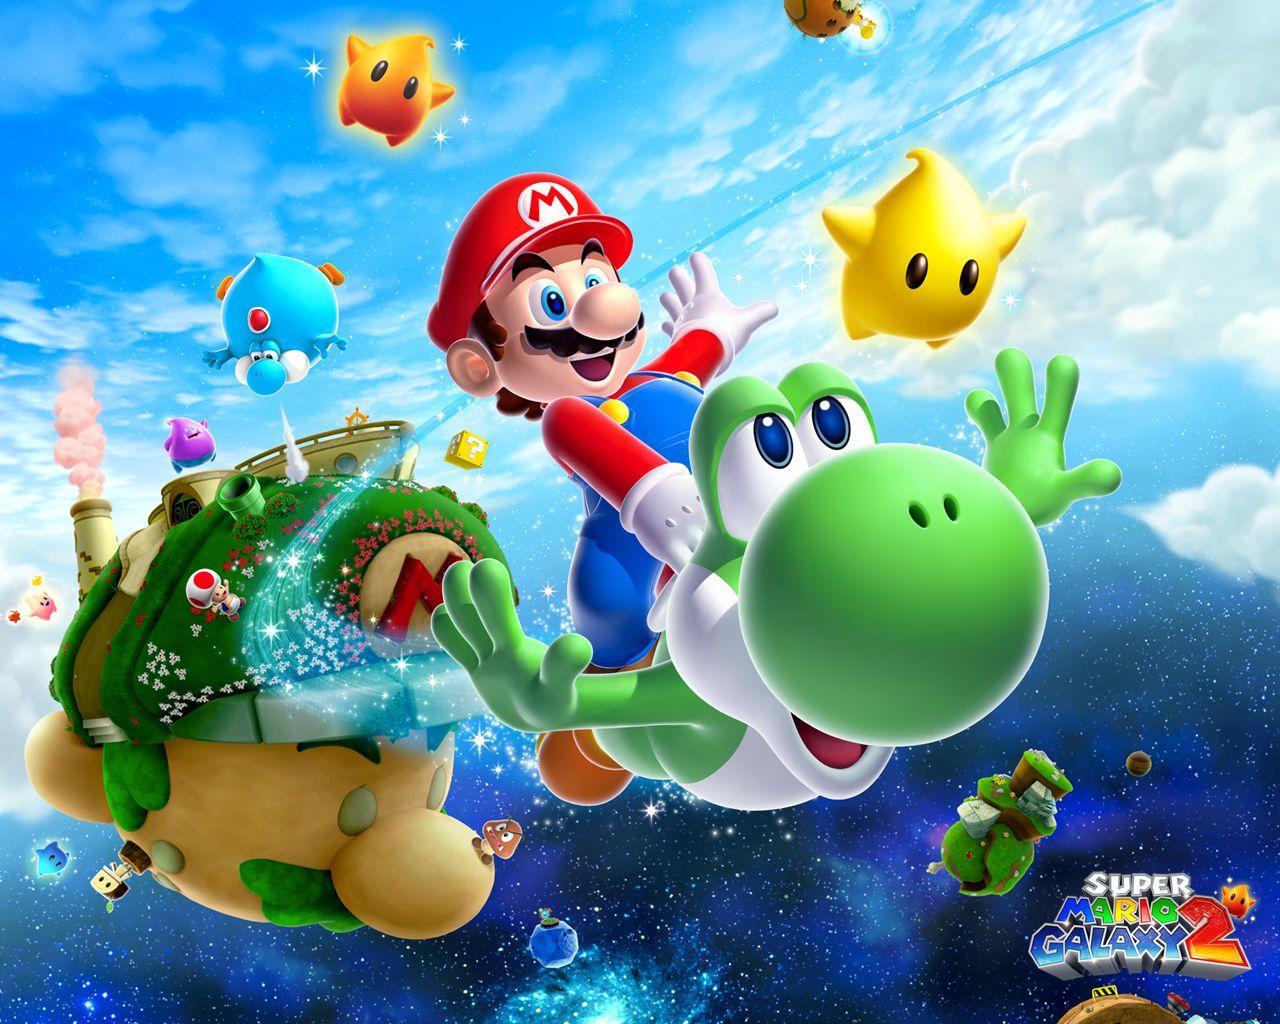 Mario Galaxy Wallpaper Juegos Super Mario Mario Y Fondos